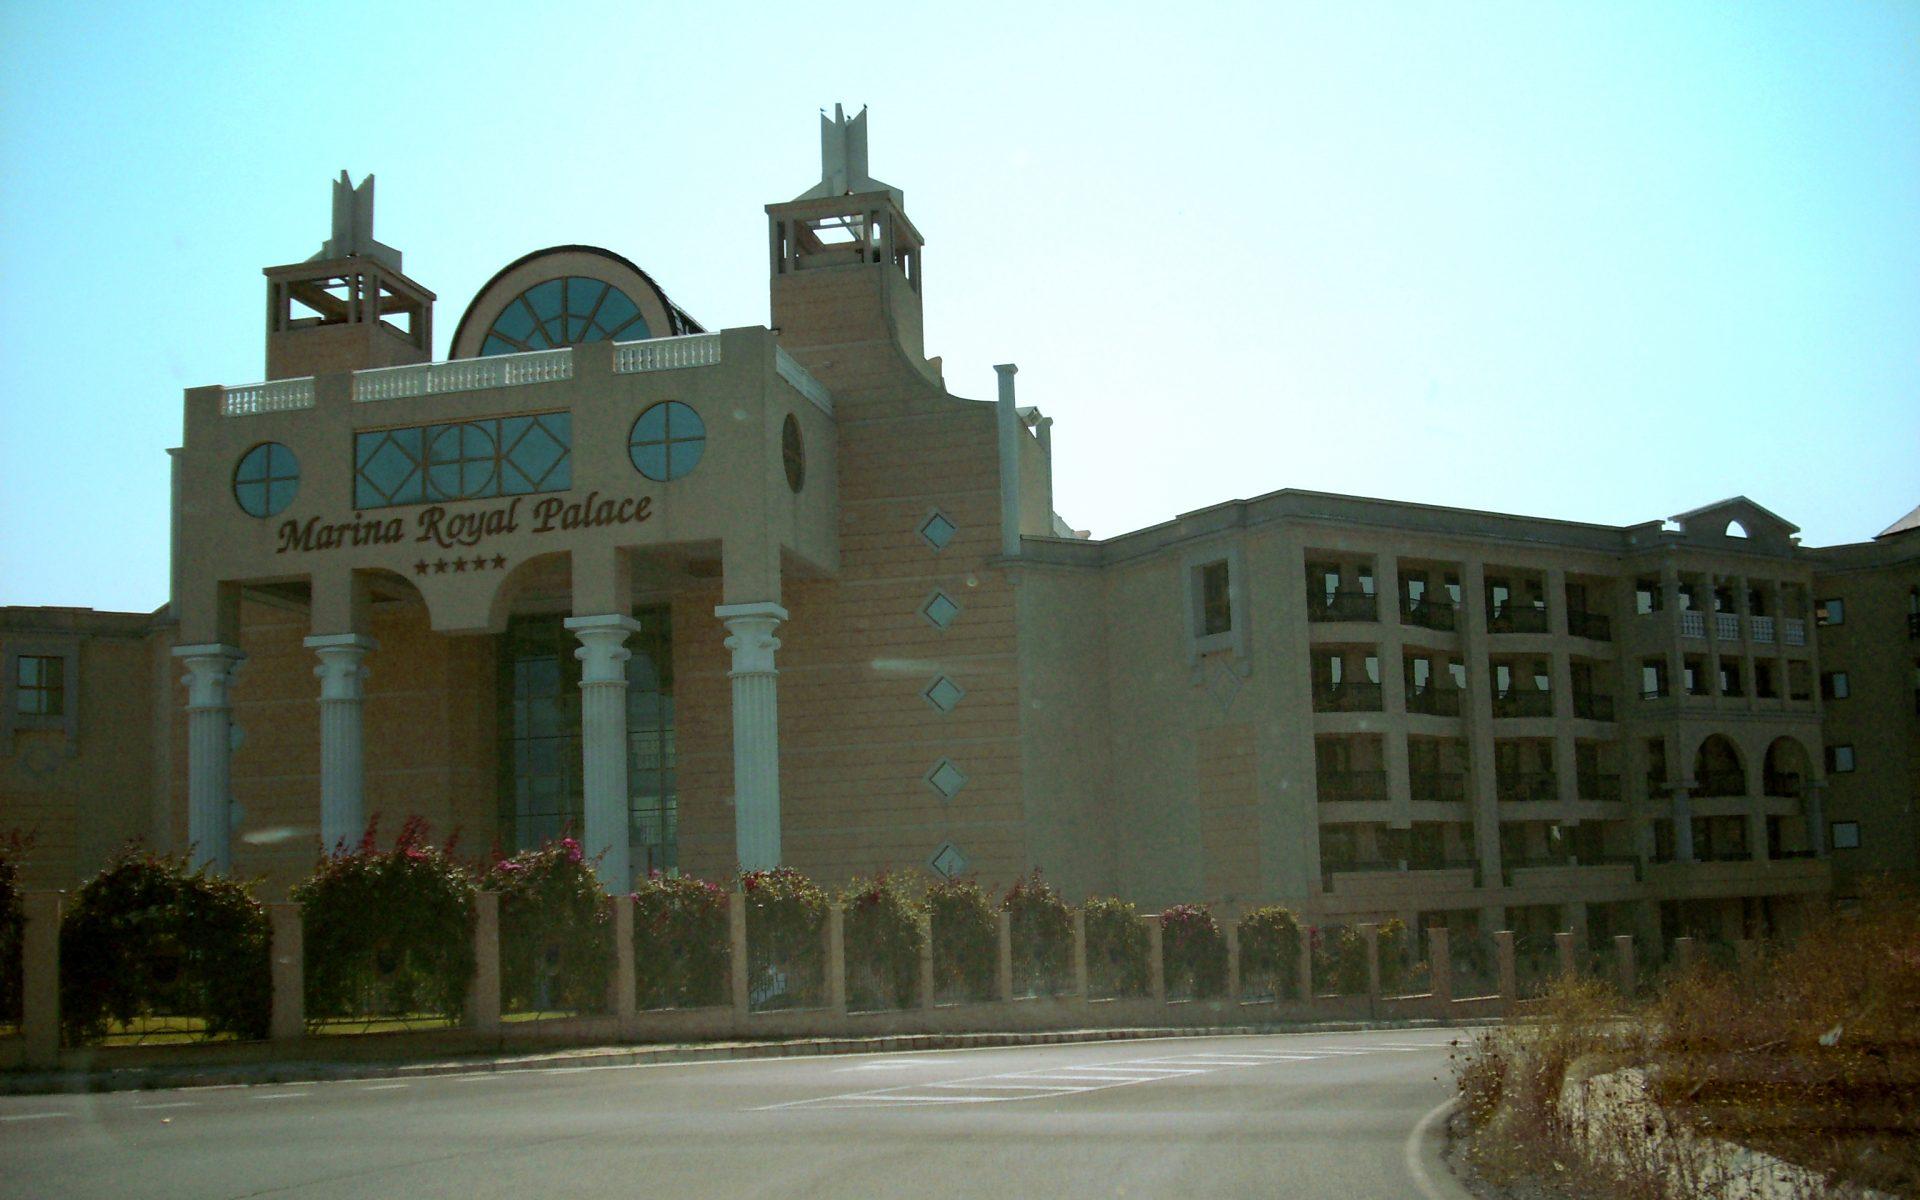 Djuni - Marina Royal Palace